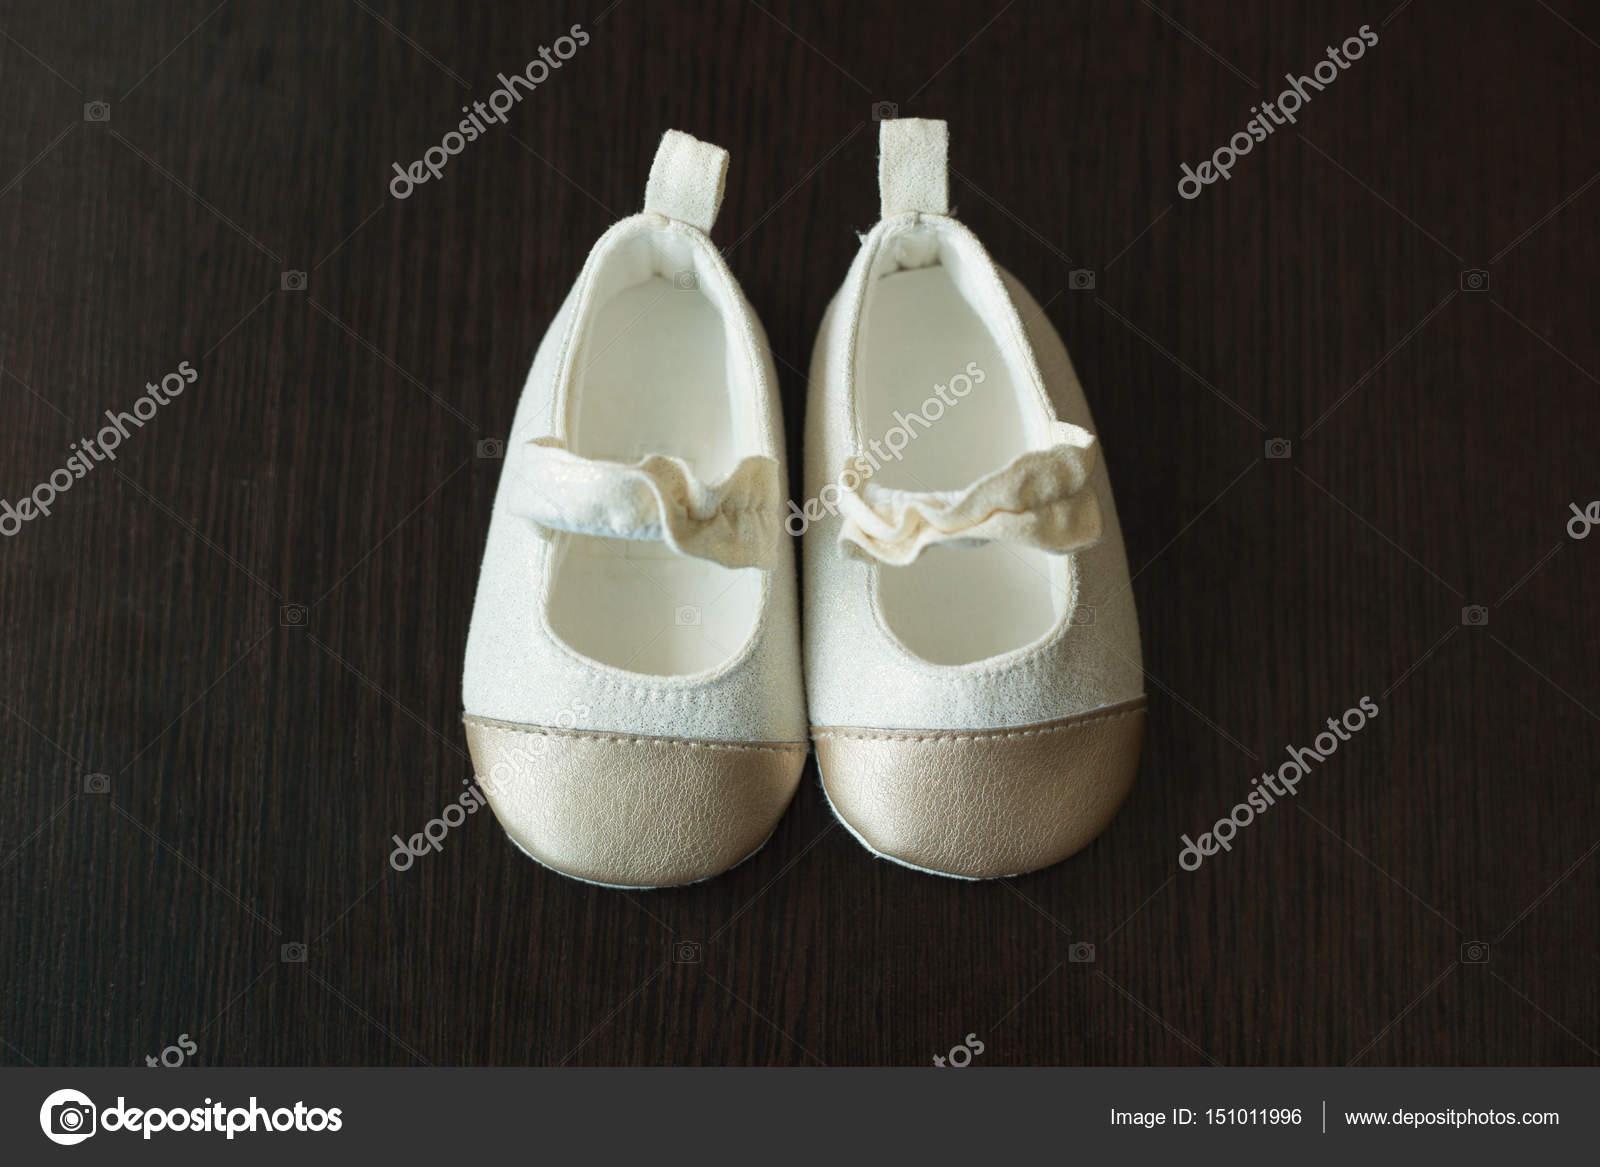 72c35127c96 Mooie originele Kinder schoenen voor een klein kind van witte kleur — Foto  van ...